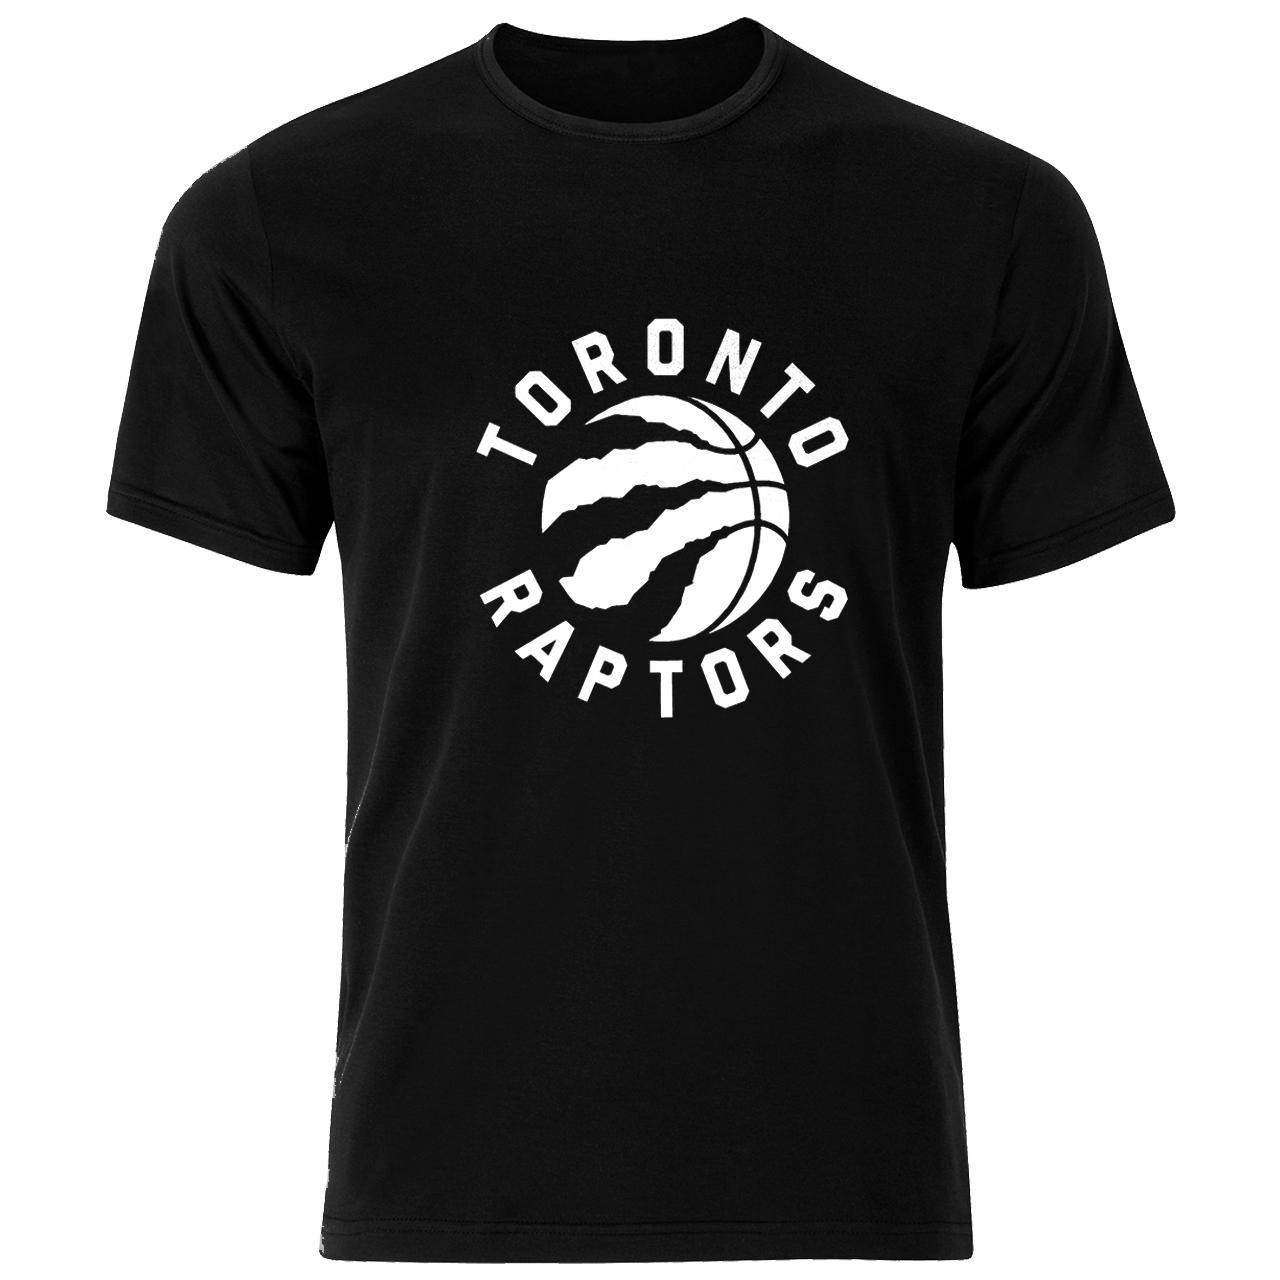 تی شرت ورزشی نخی مردانه فلوریزا  طرح بسکتبال تورنتو رپتورز کد Torento raptors 001M تیشرت